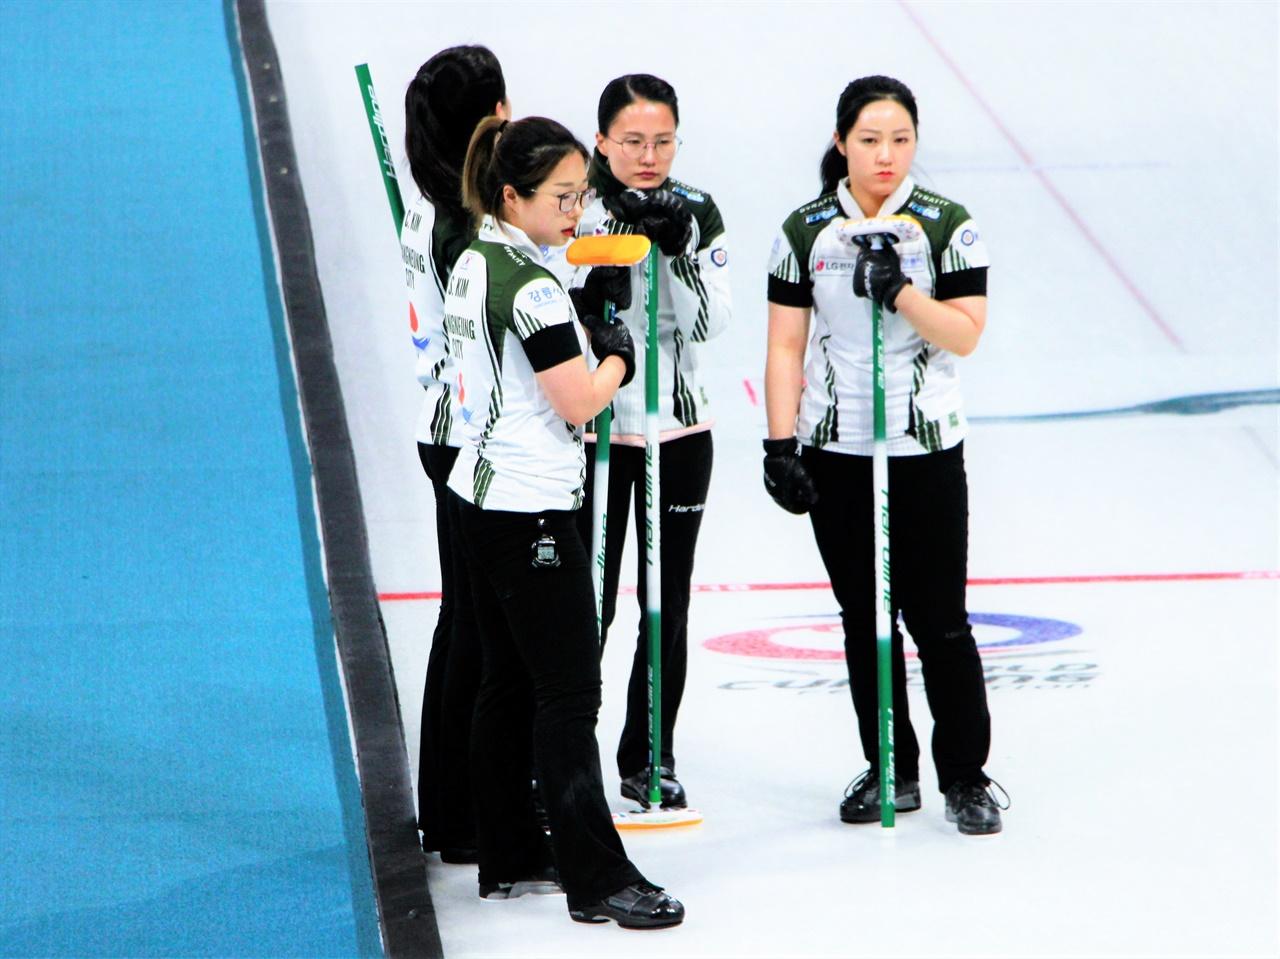 2021 KB금융 한국컬링선수권대회 2차 라운드에서 강릉시청 '팀 킴' 선수들이 고심하고 있다.